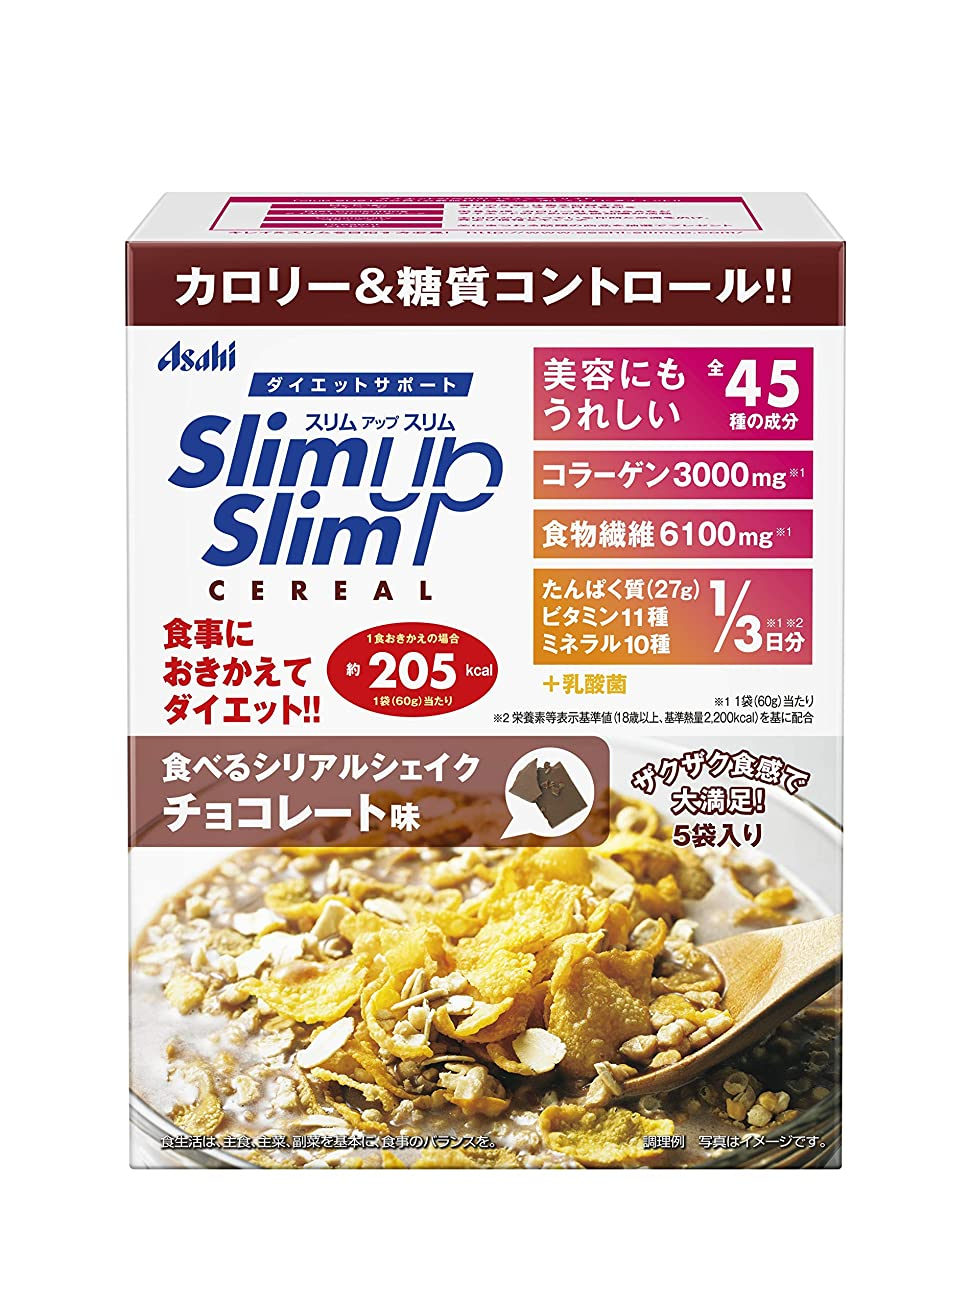 ナンセンス誤危険なスリムアップスリム 食べるシリアルシェイク チョコレート味 300g (60g×5袋)